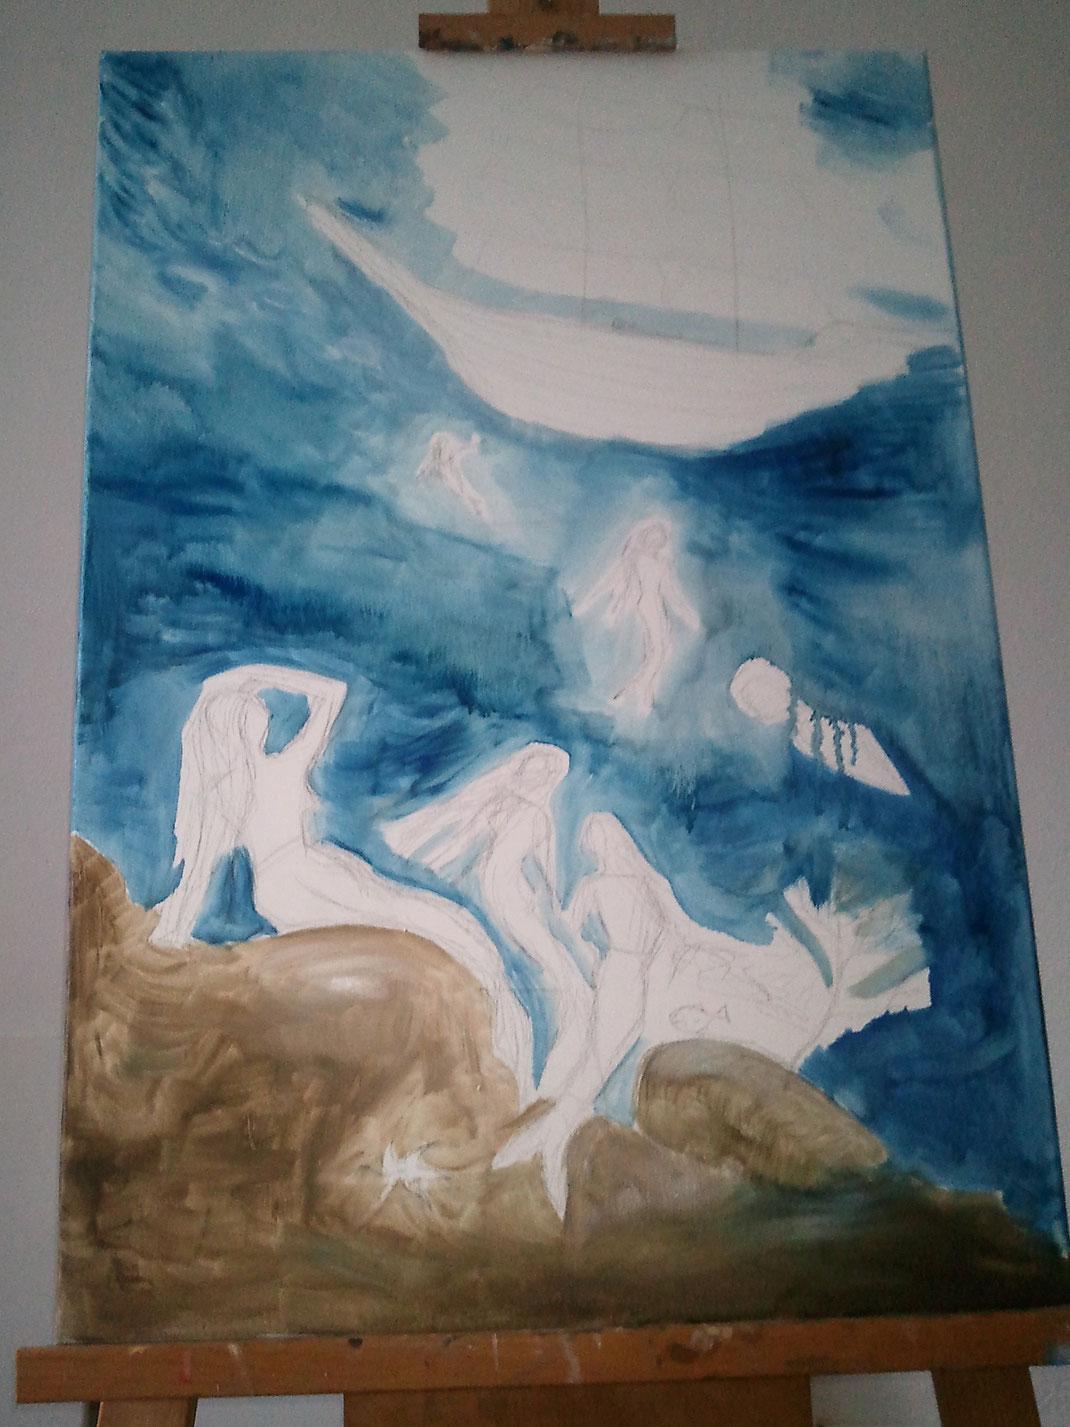 Sirenen am Meeresgrund - Sagen & Mythen